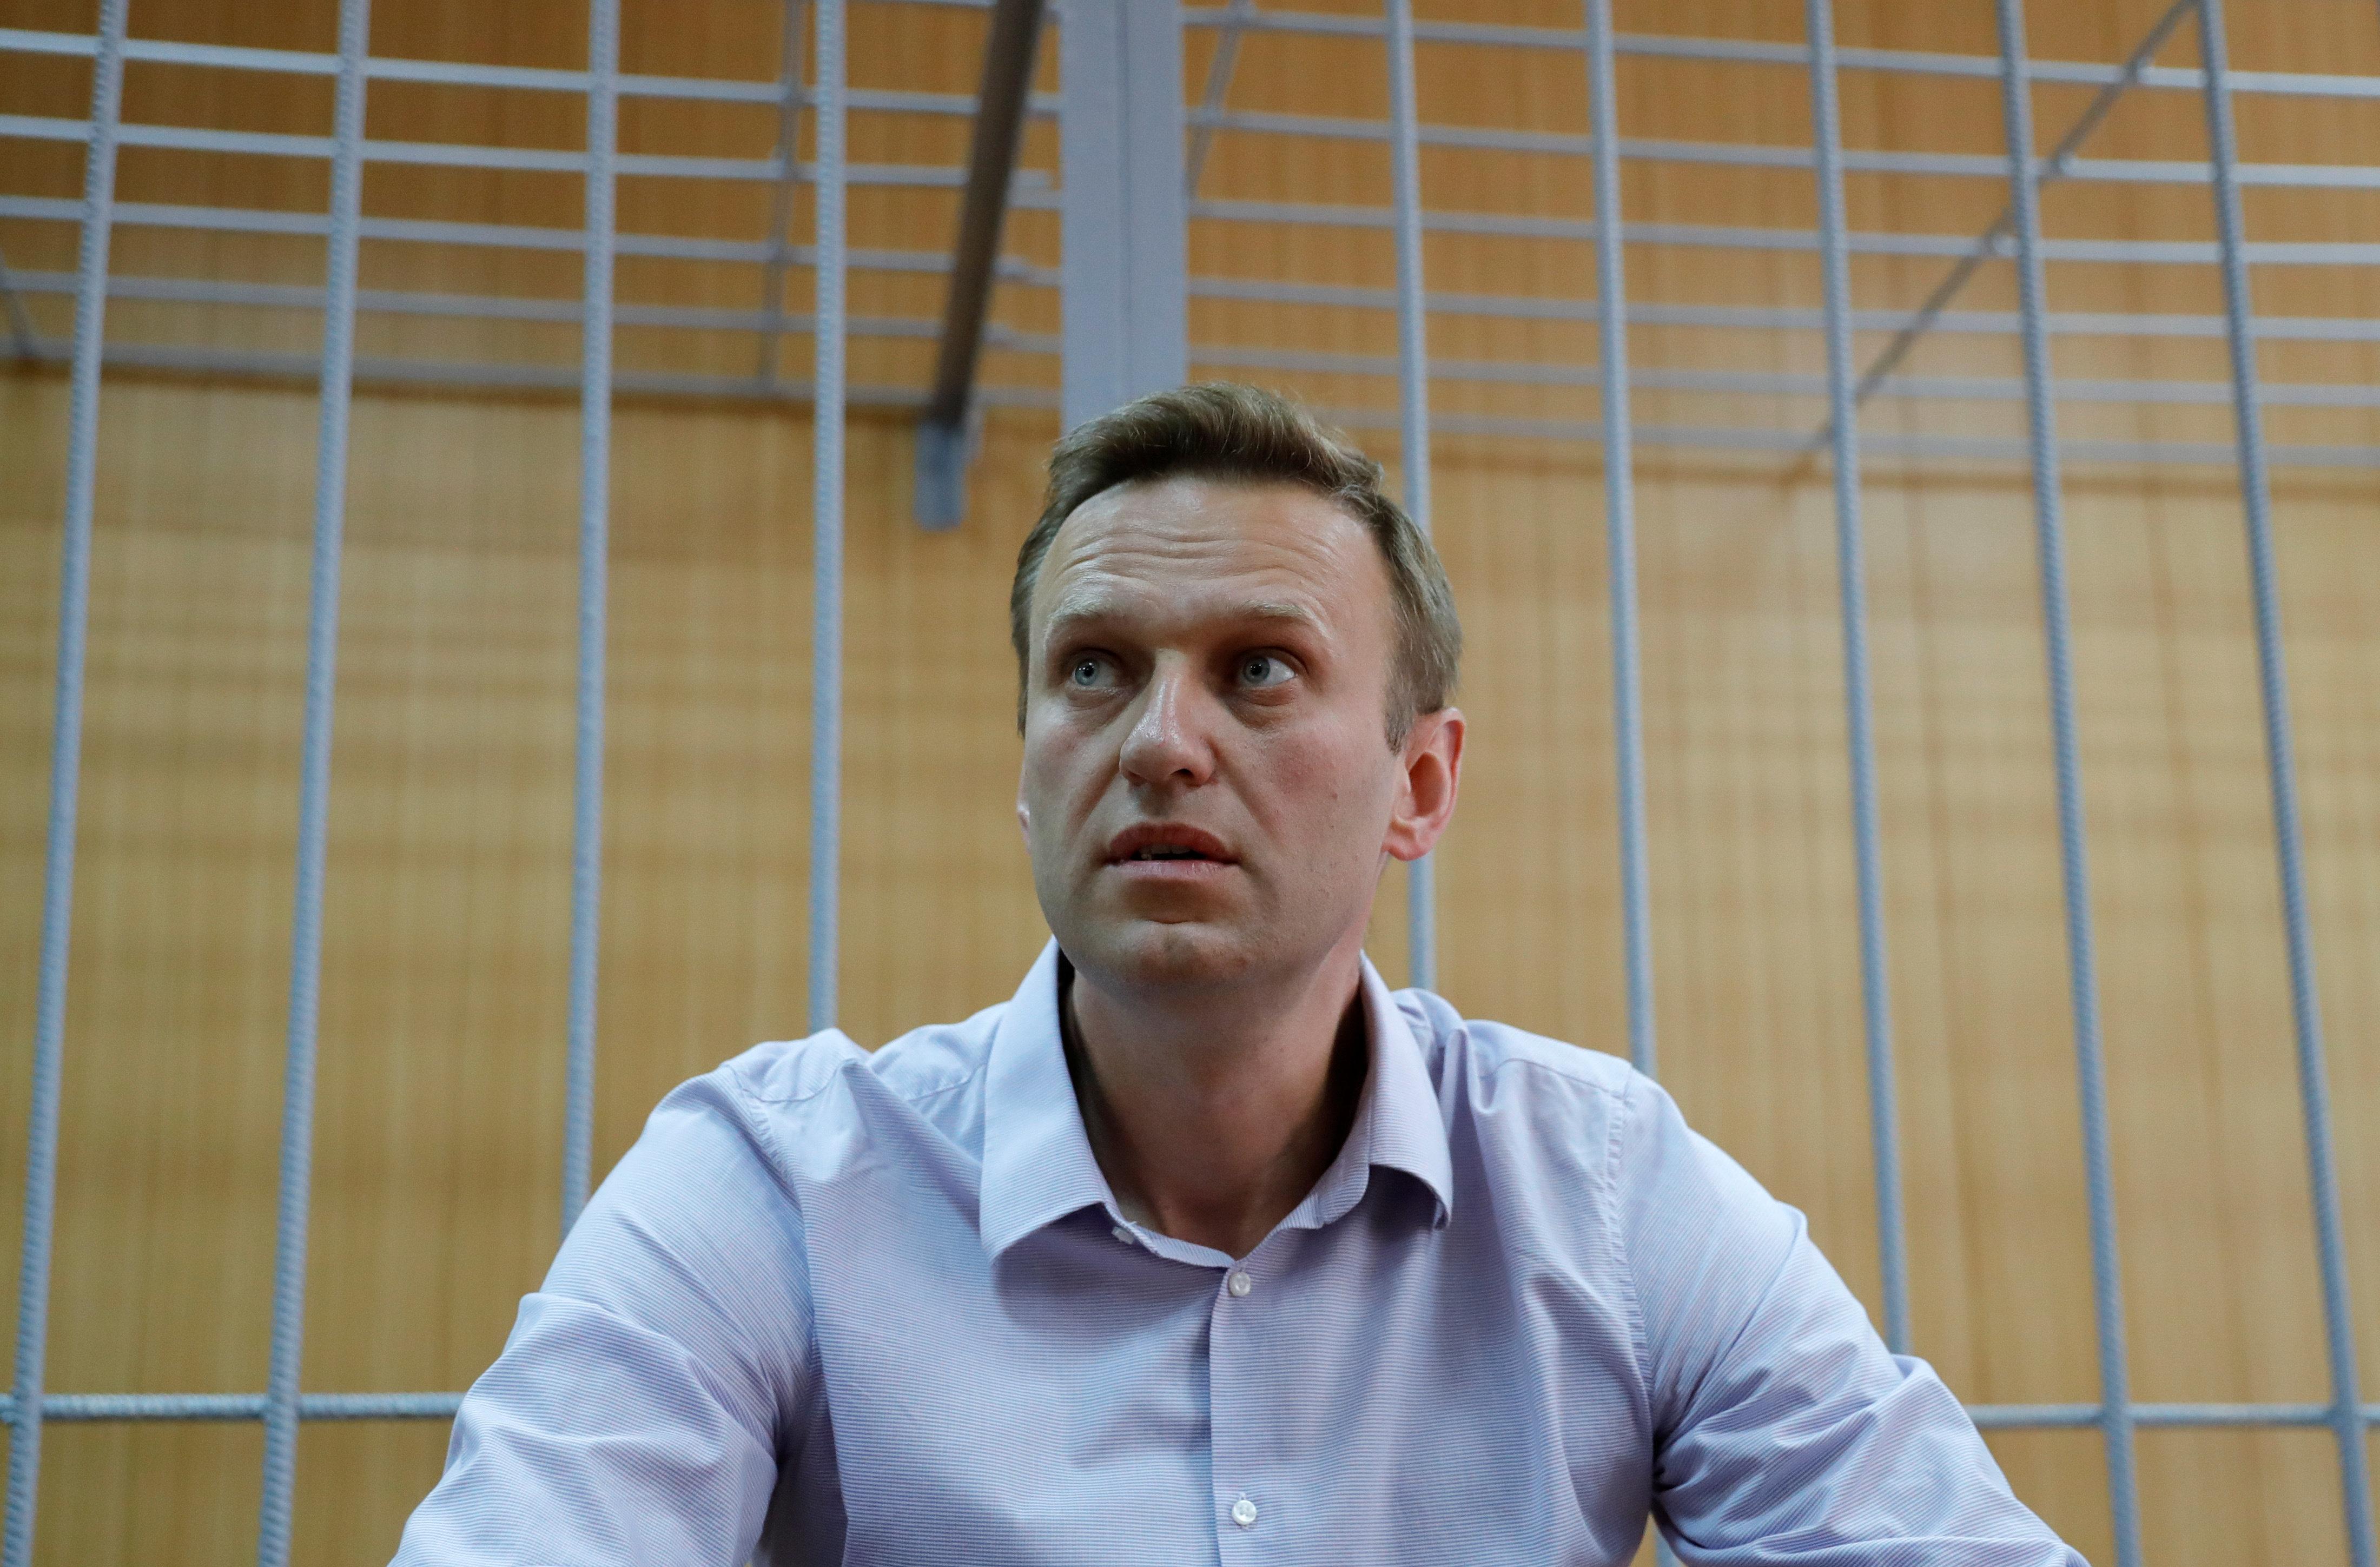 Ρωσία: Ελεύθερος έπειτα από κράτηση 30 ημερών ο αντιπολιτευόμενος